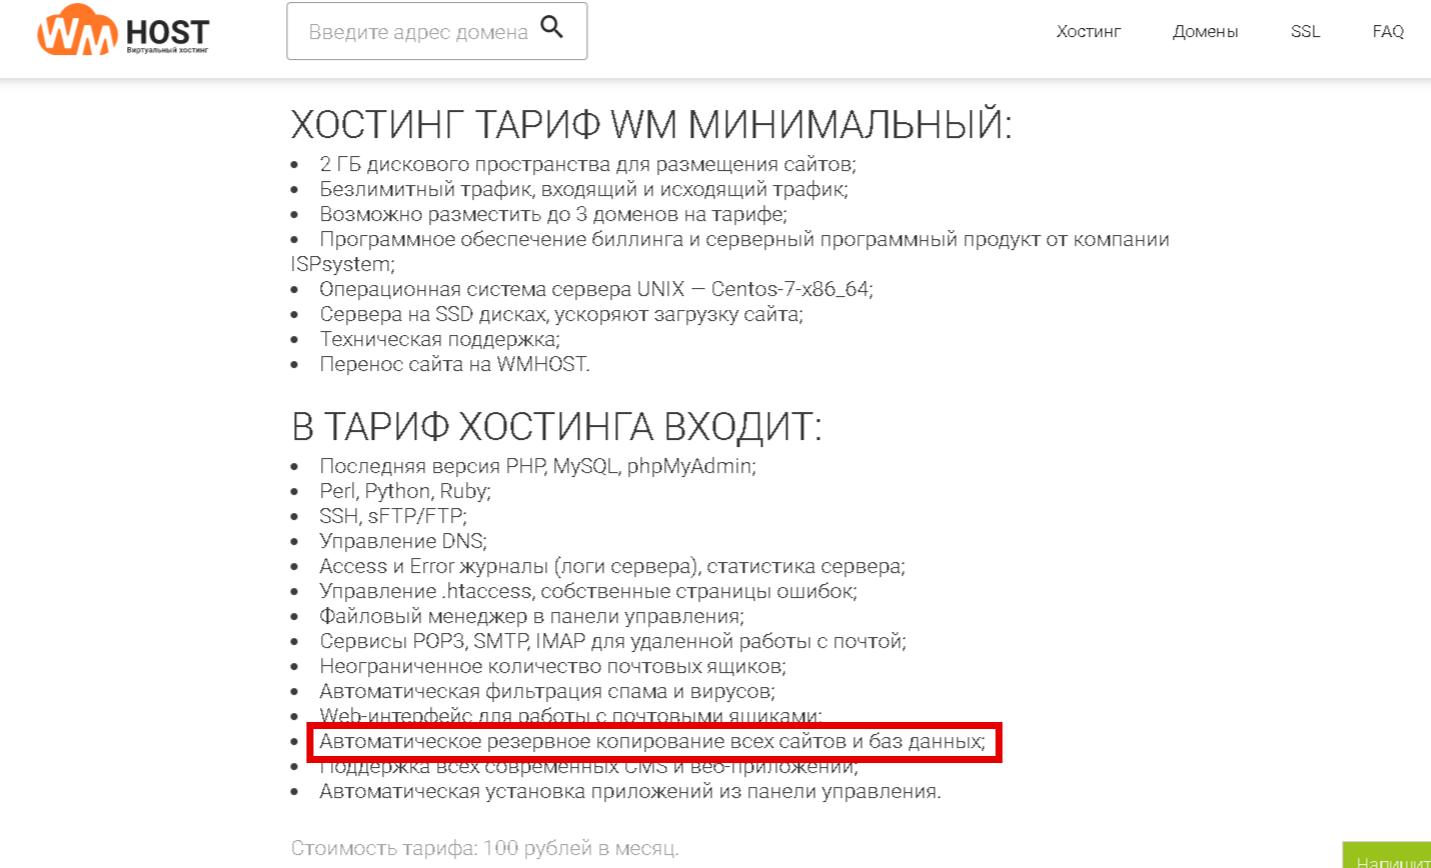 Автоматическое резервирование данных на хостинге WMHOST